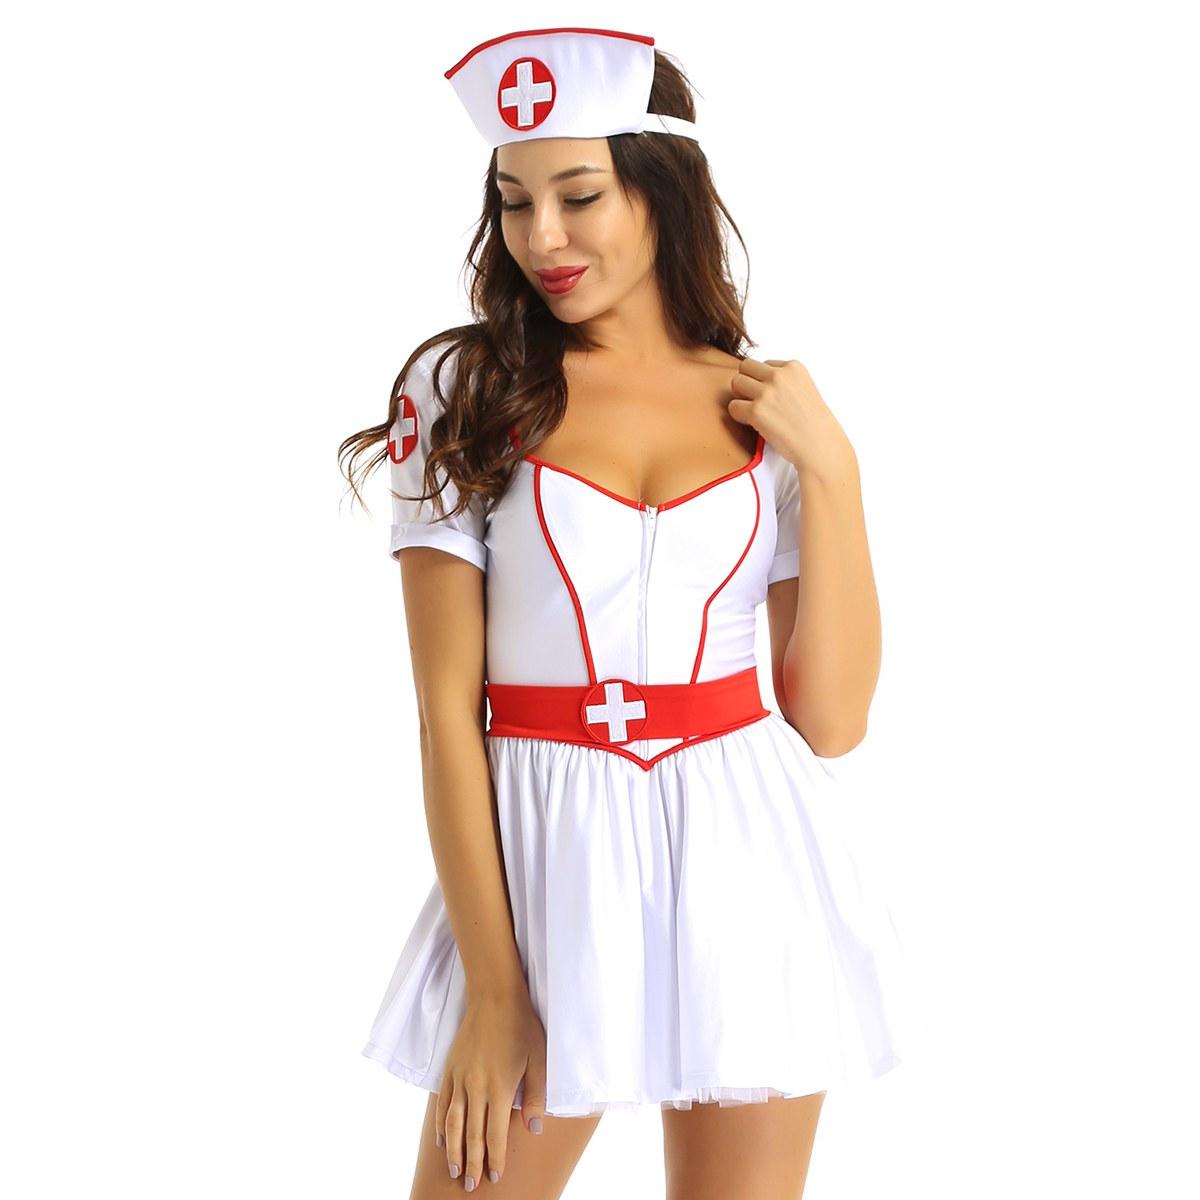 Naughty Halloween Costume - Erotic Clubwear Tutu